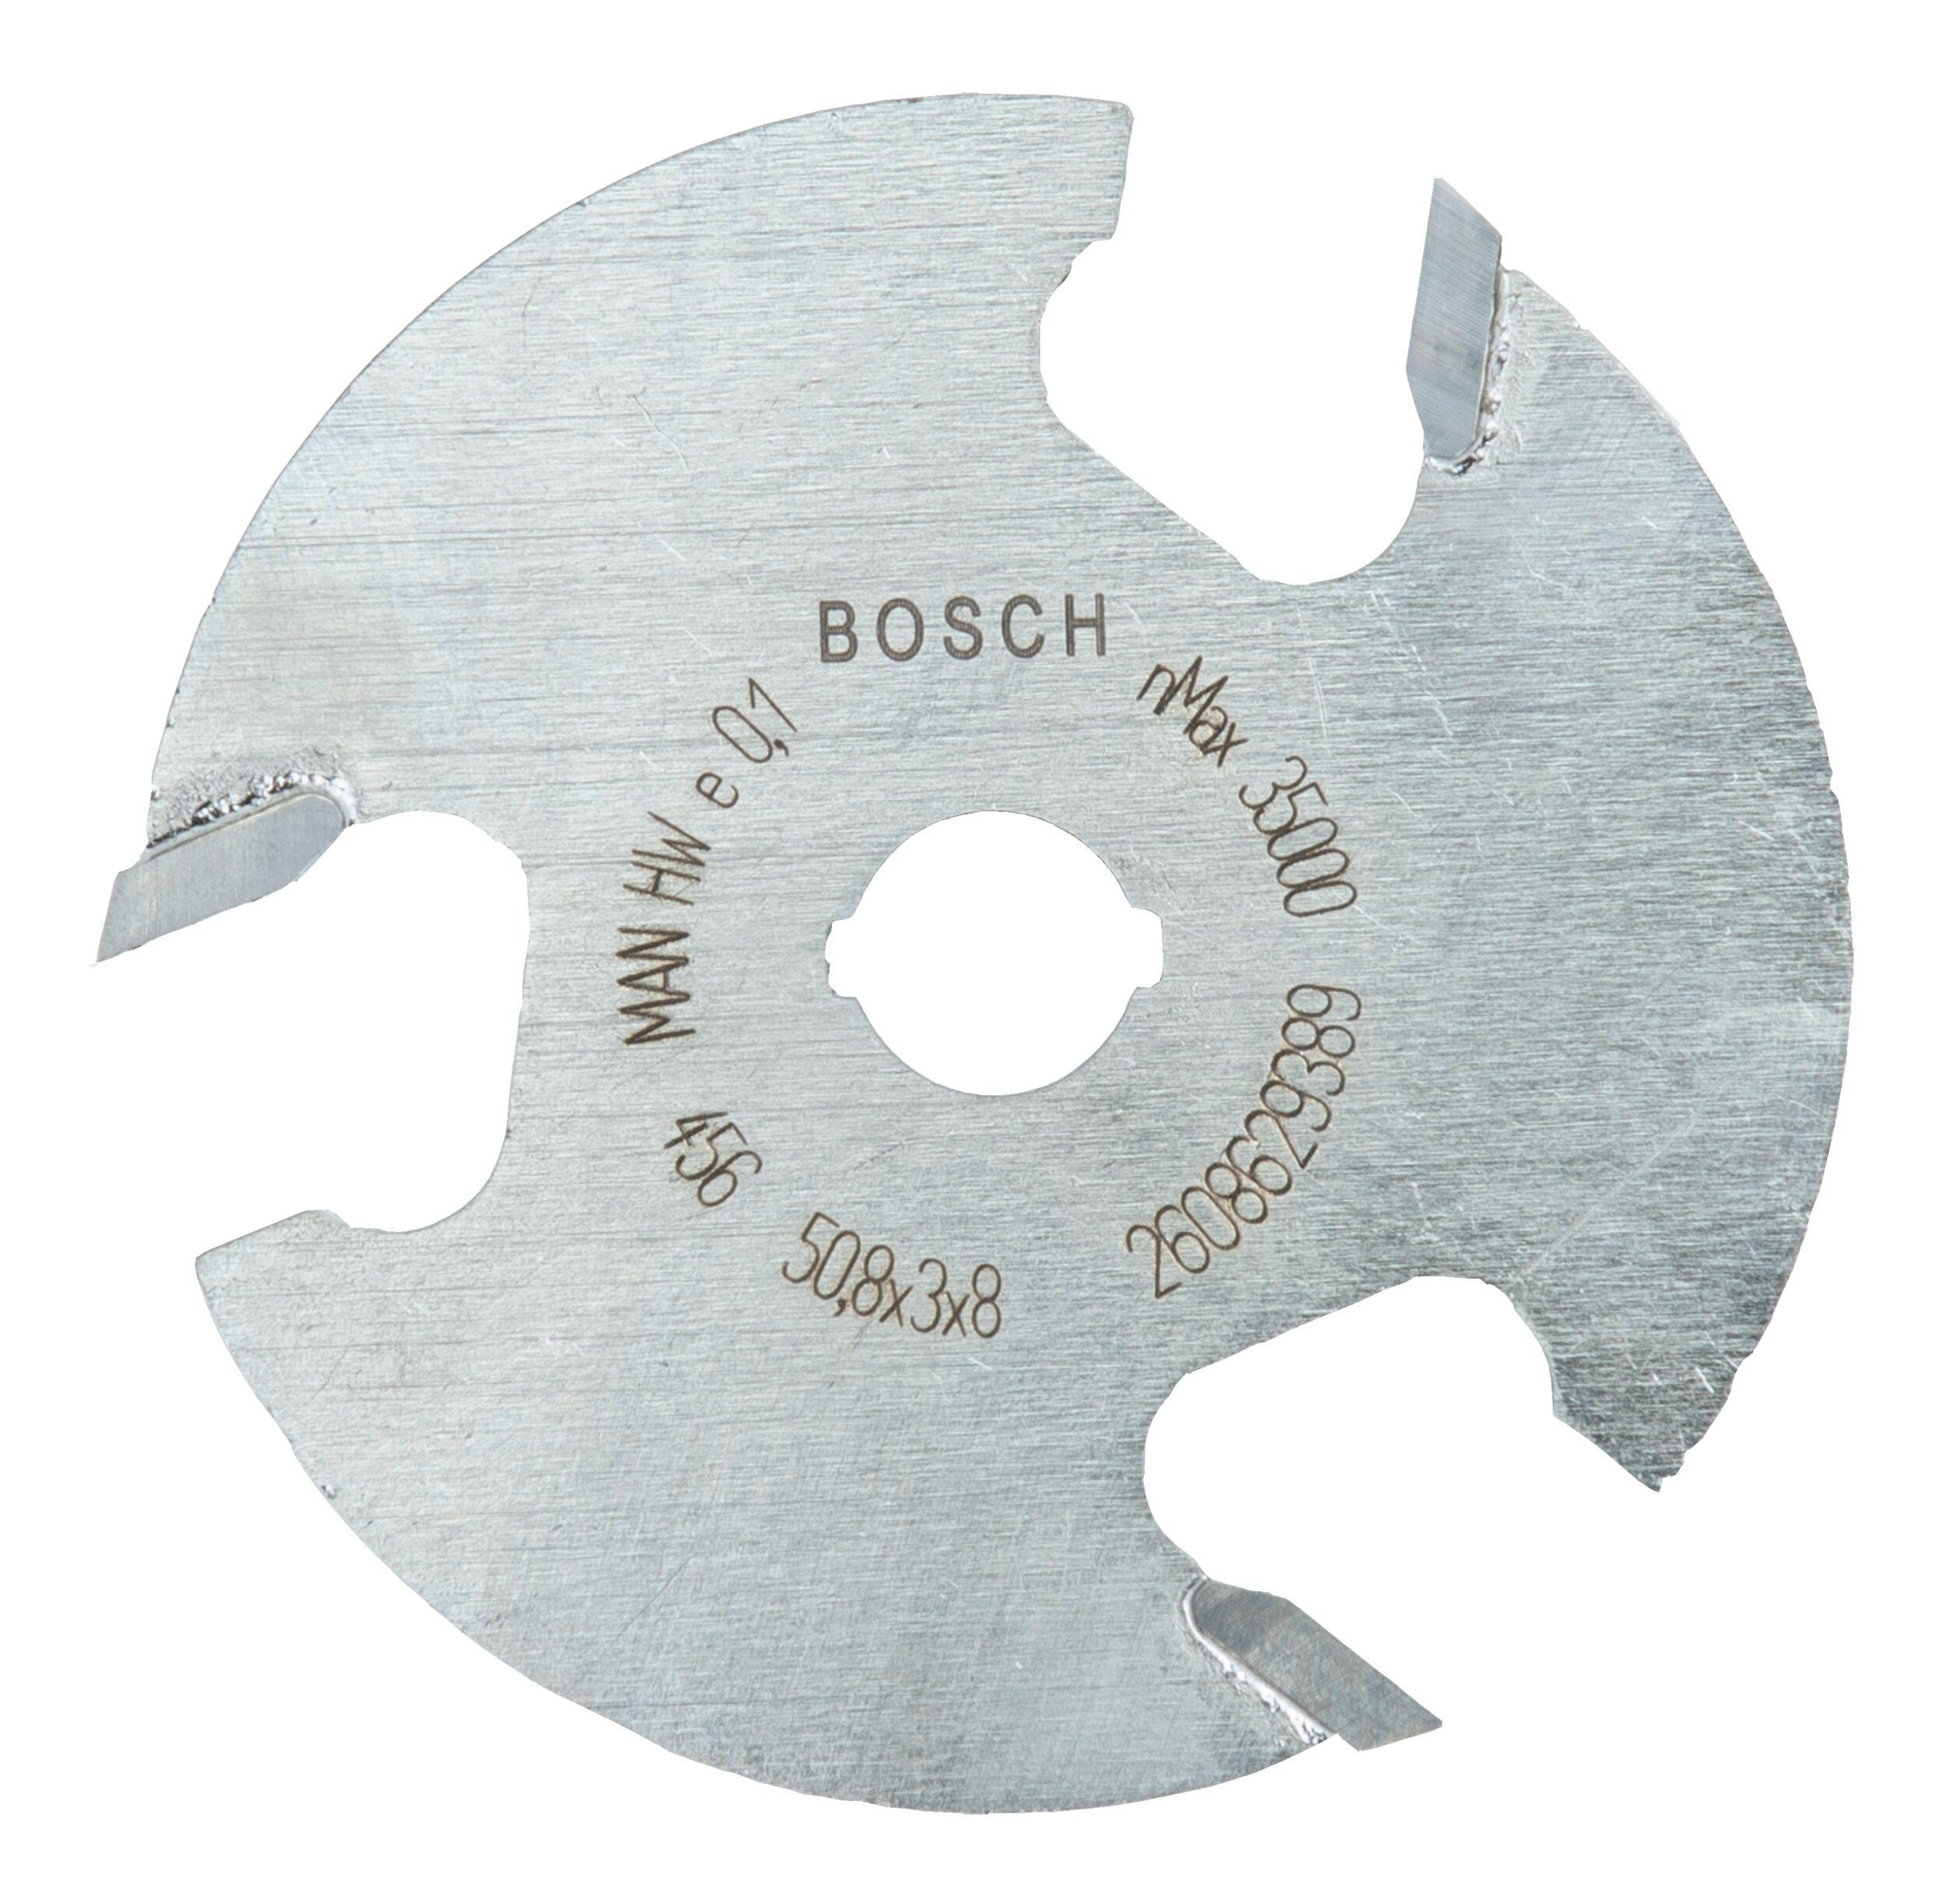 Bosch Zubehör Scheibennutfräser dreischneidig - 50,8 x 3 x 8 x 8 mm - 2608629389